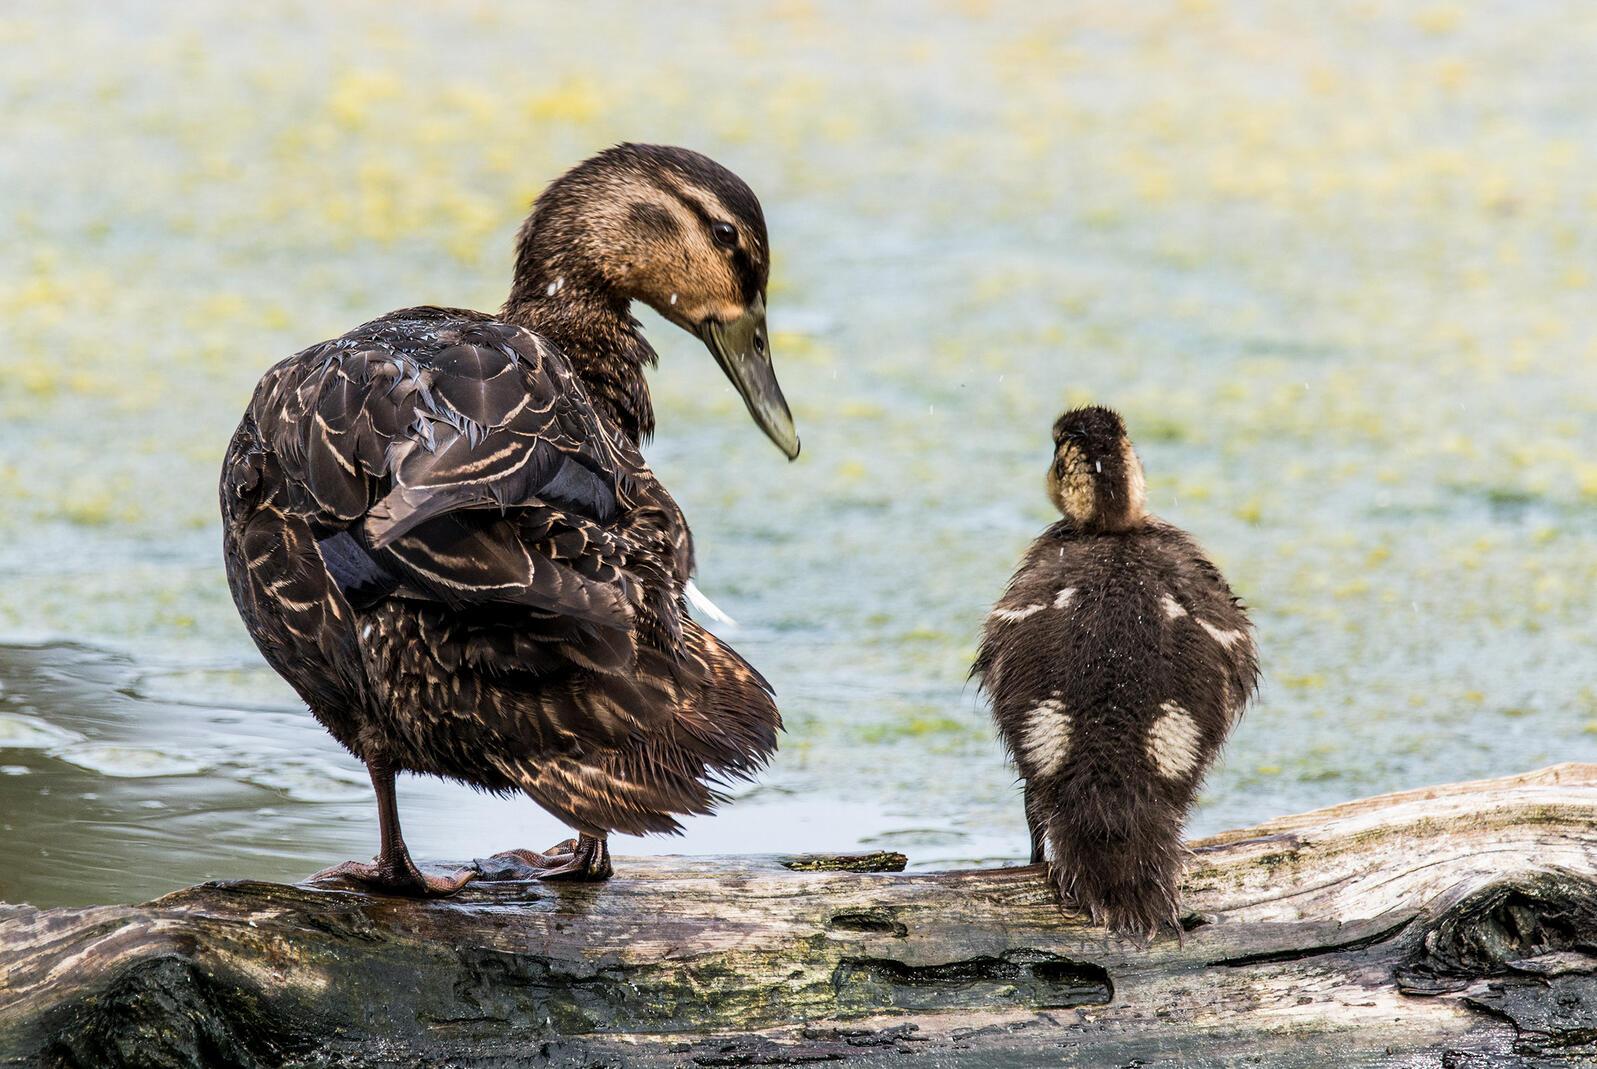 American Black Duck with young. JWiliszowski/iStock